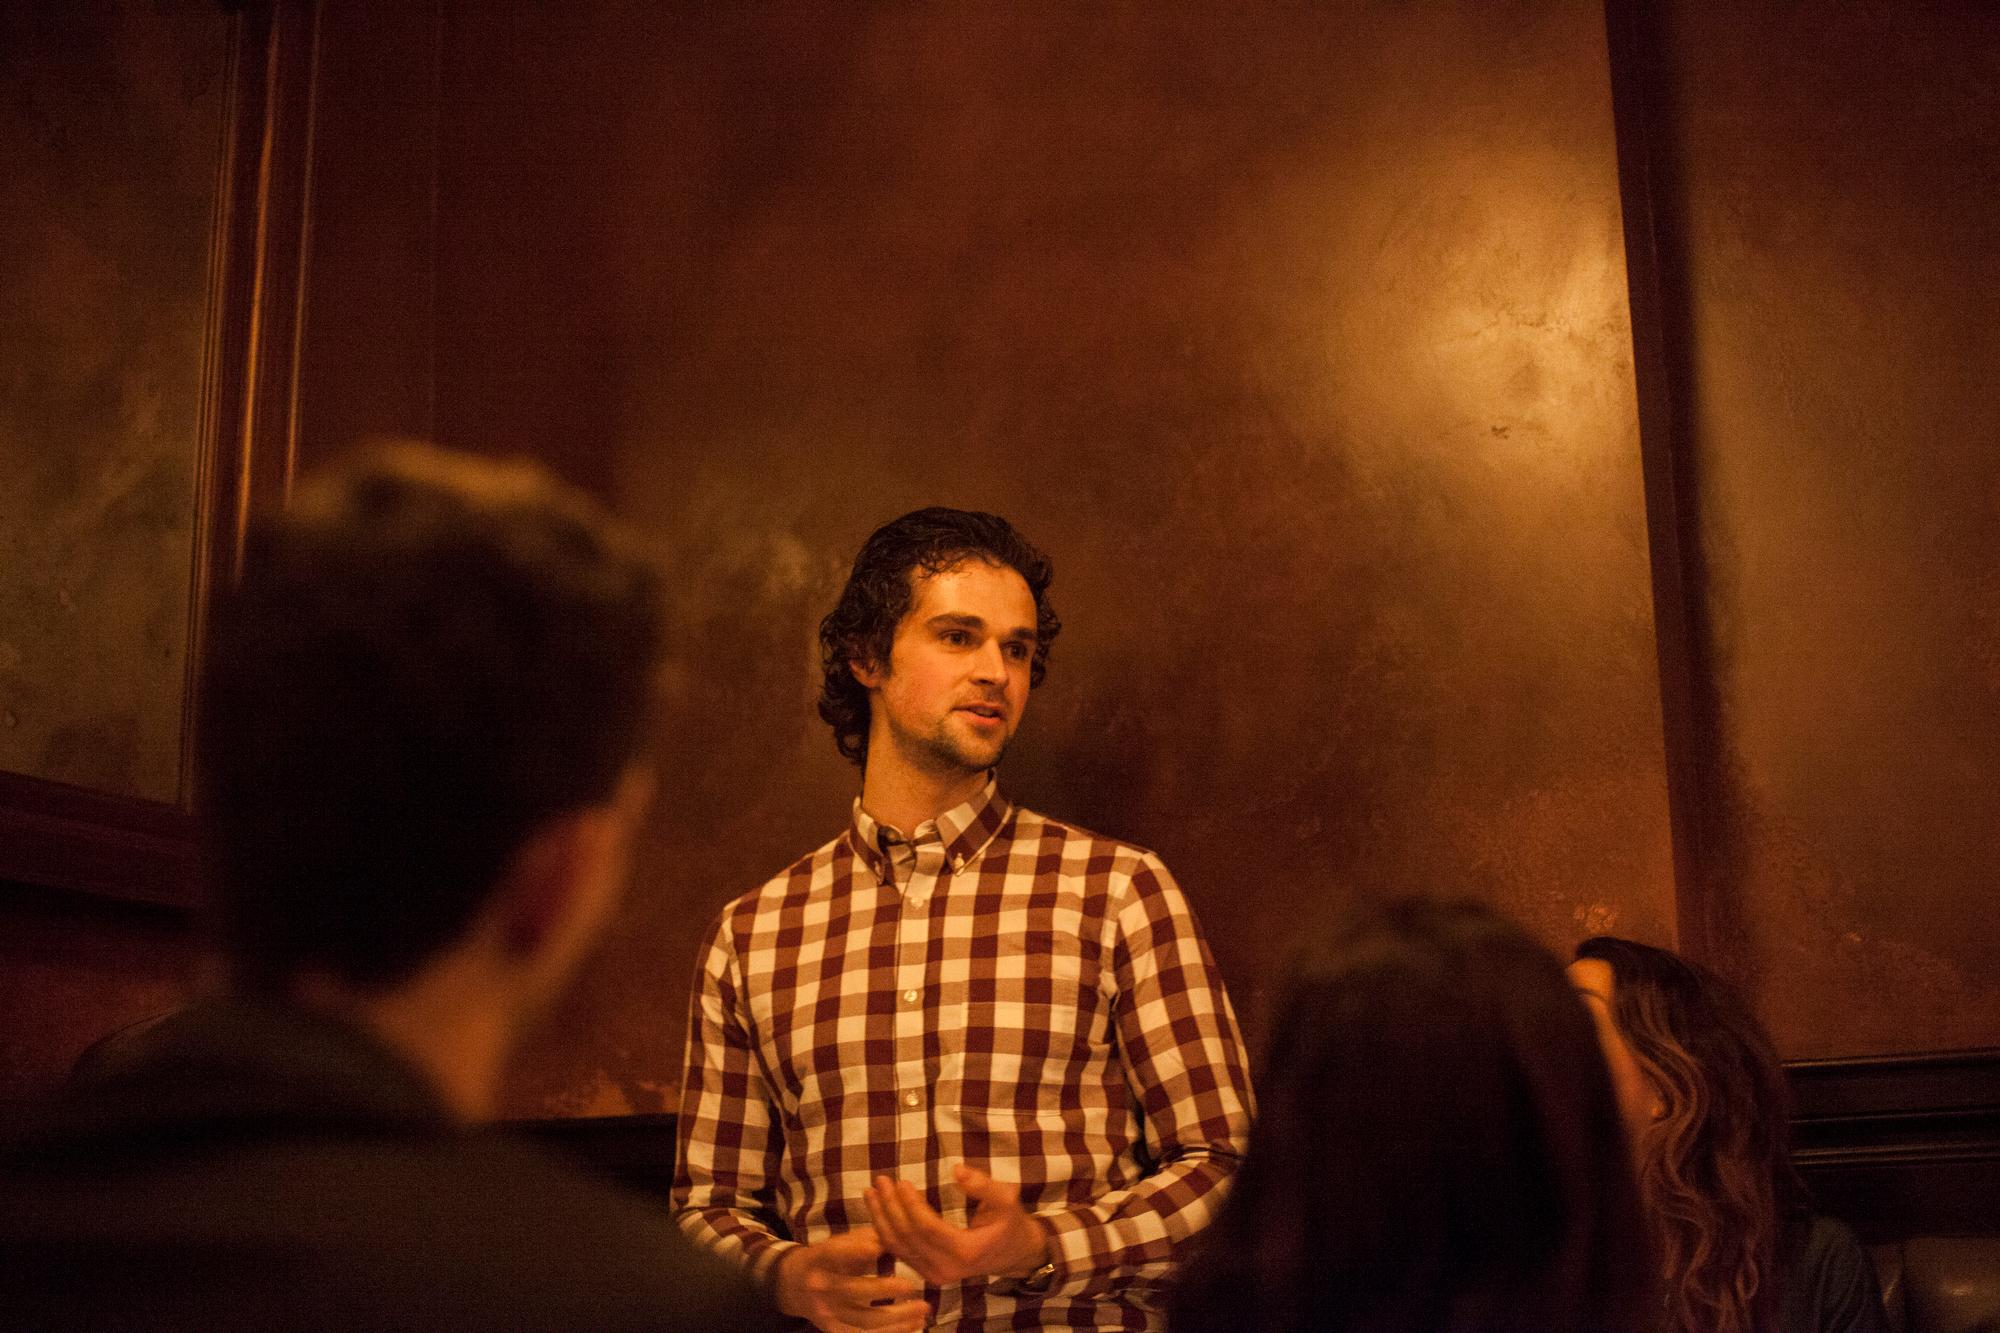 Matt Zeiler at one of our monthly LDV Community Dinners. ©Ron Haviv